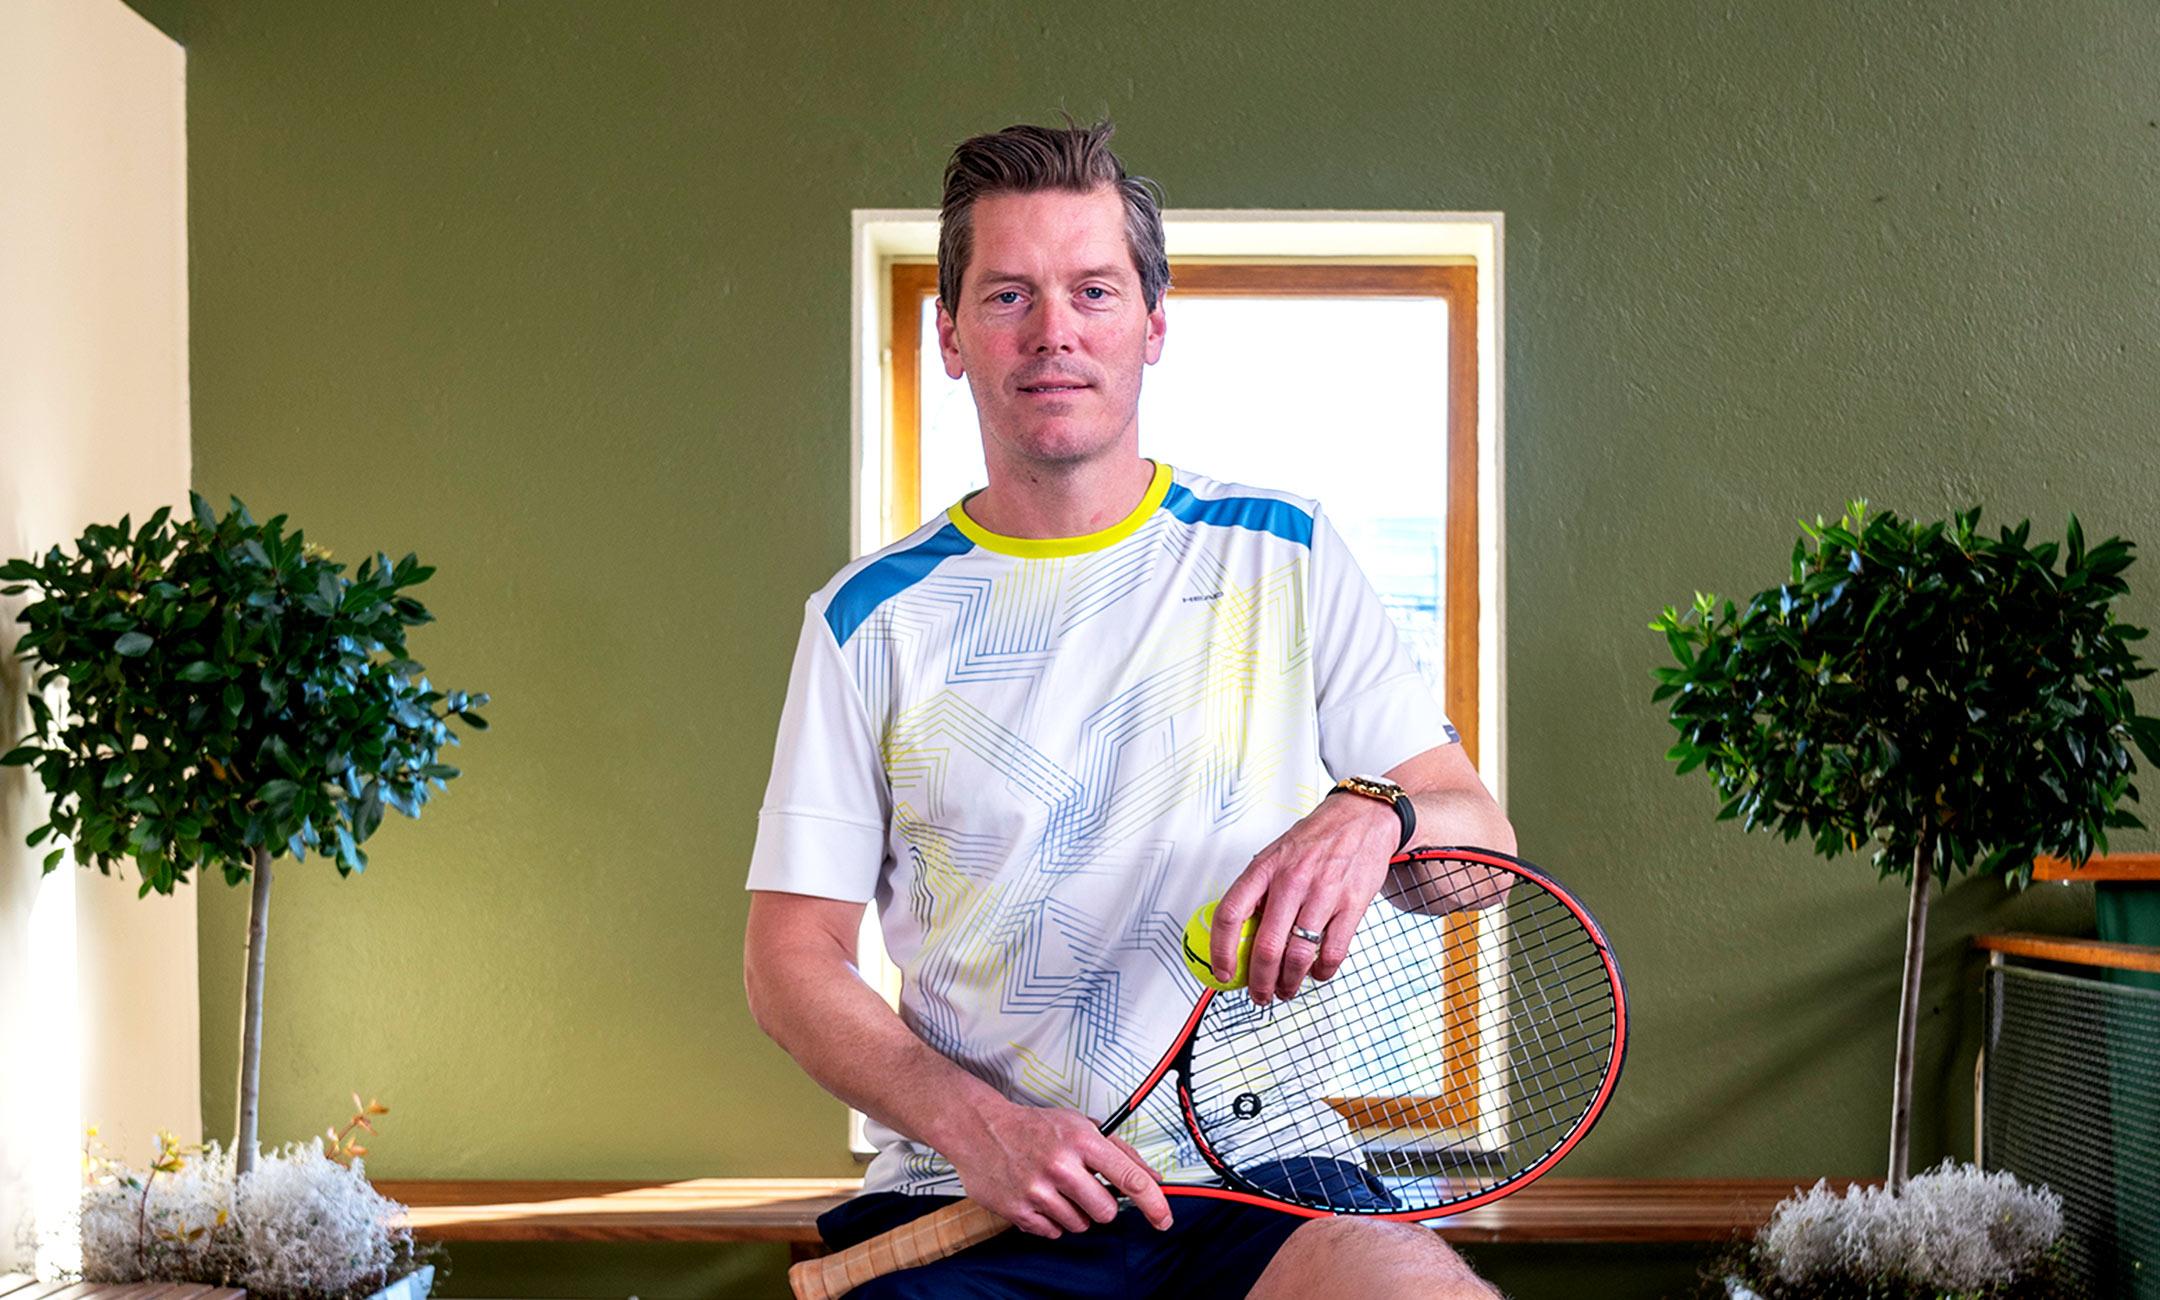 Thomas Enqvist sitter på en pall hållandes i ett tennisracket